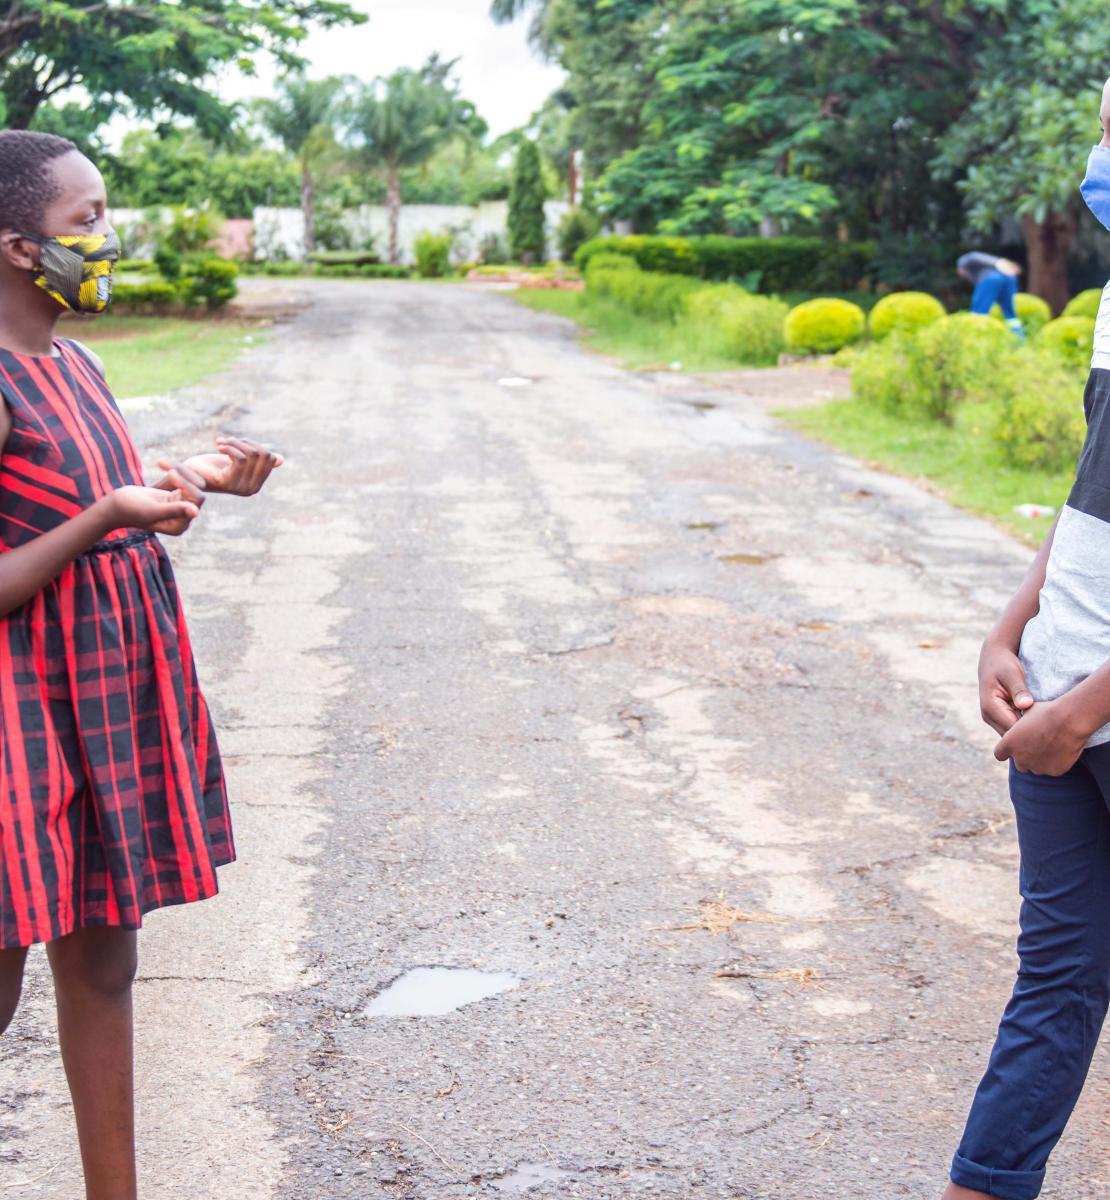 Una niña y un niño adolescentes con mascarillas demuestran su distanciamiento social al separarse mientras conversan, en medio de una carretera de tierra en una zona verde, en Lusaka, Zambia.